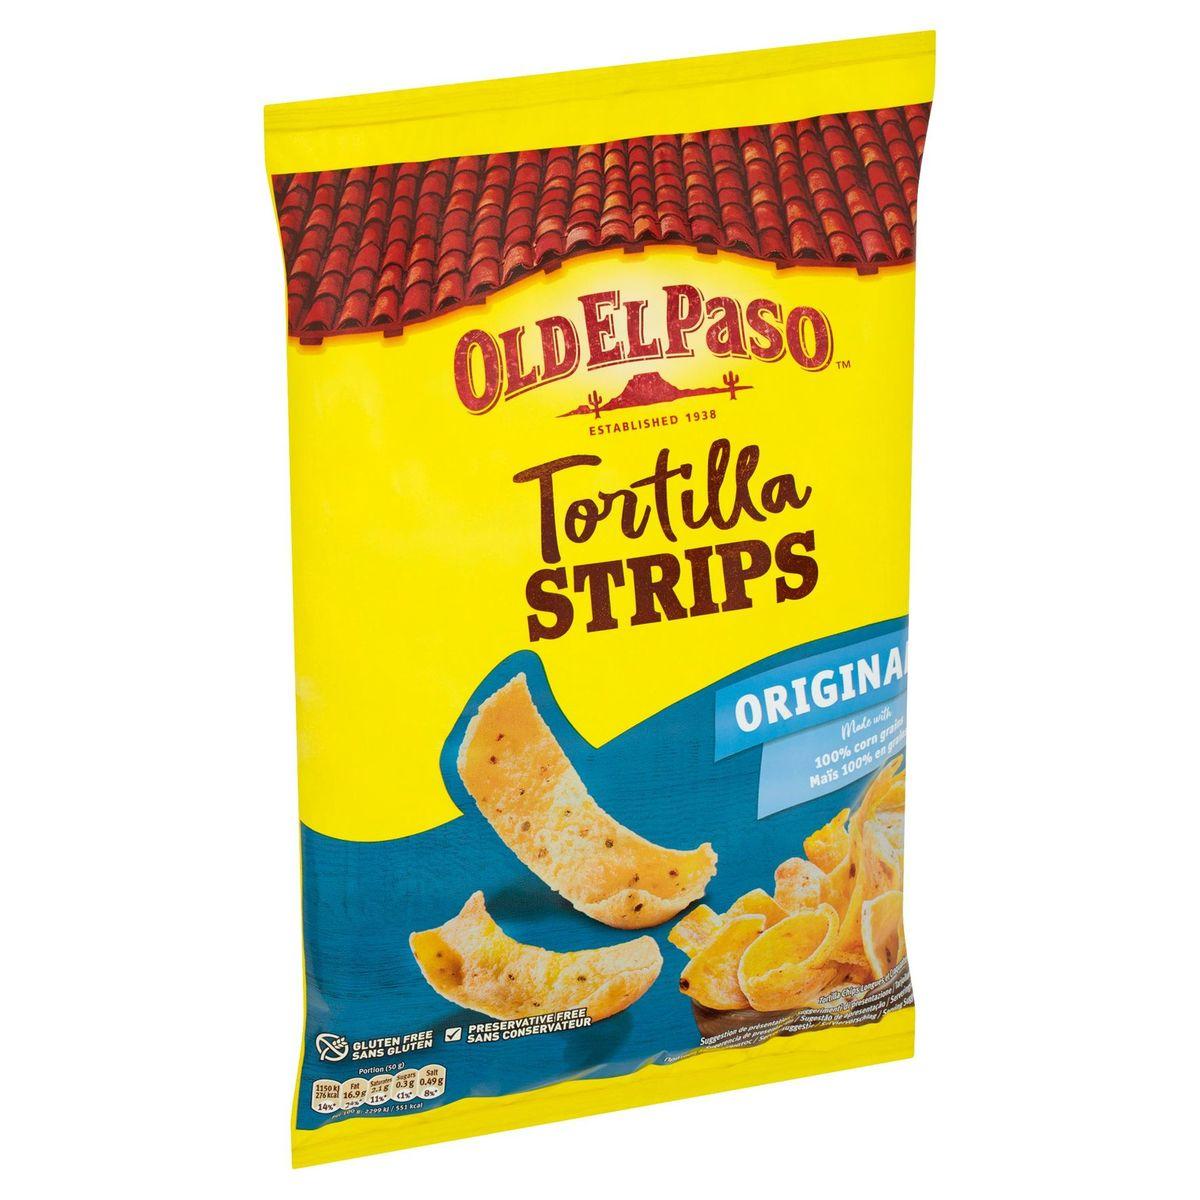 Old El Paso Tortilla Strips Original 185 g